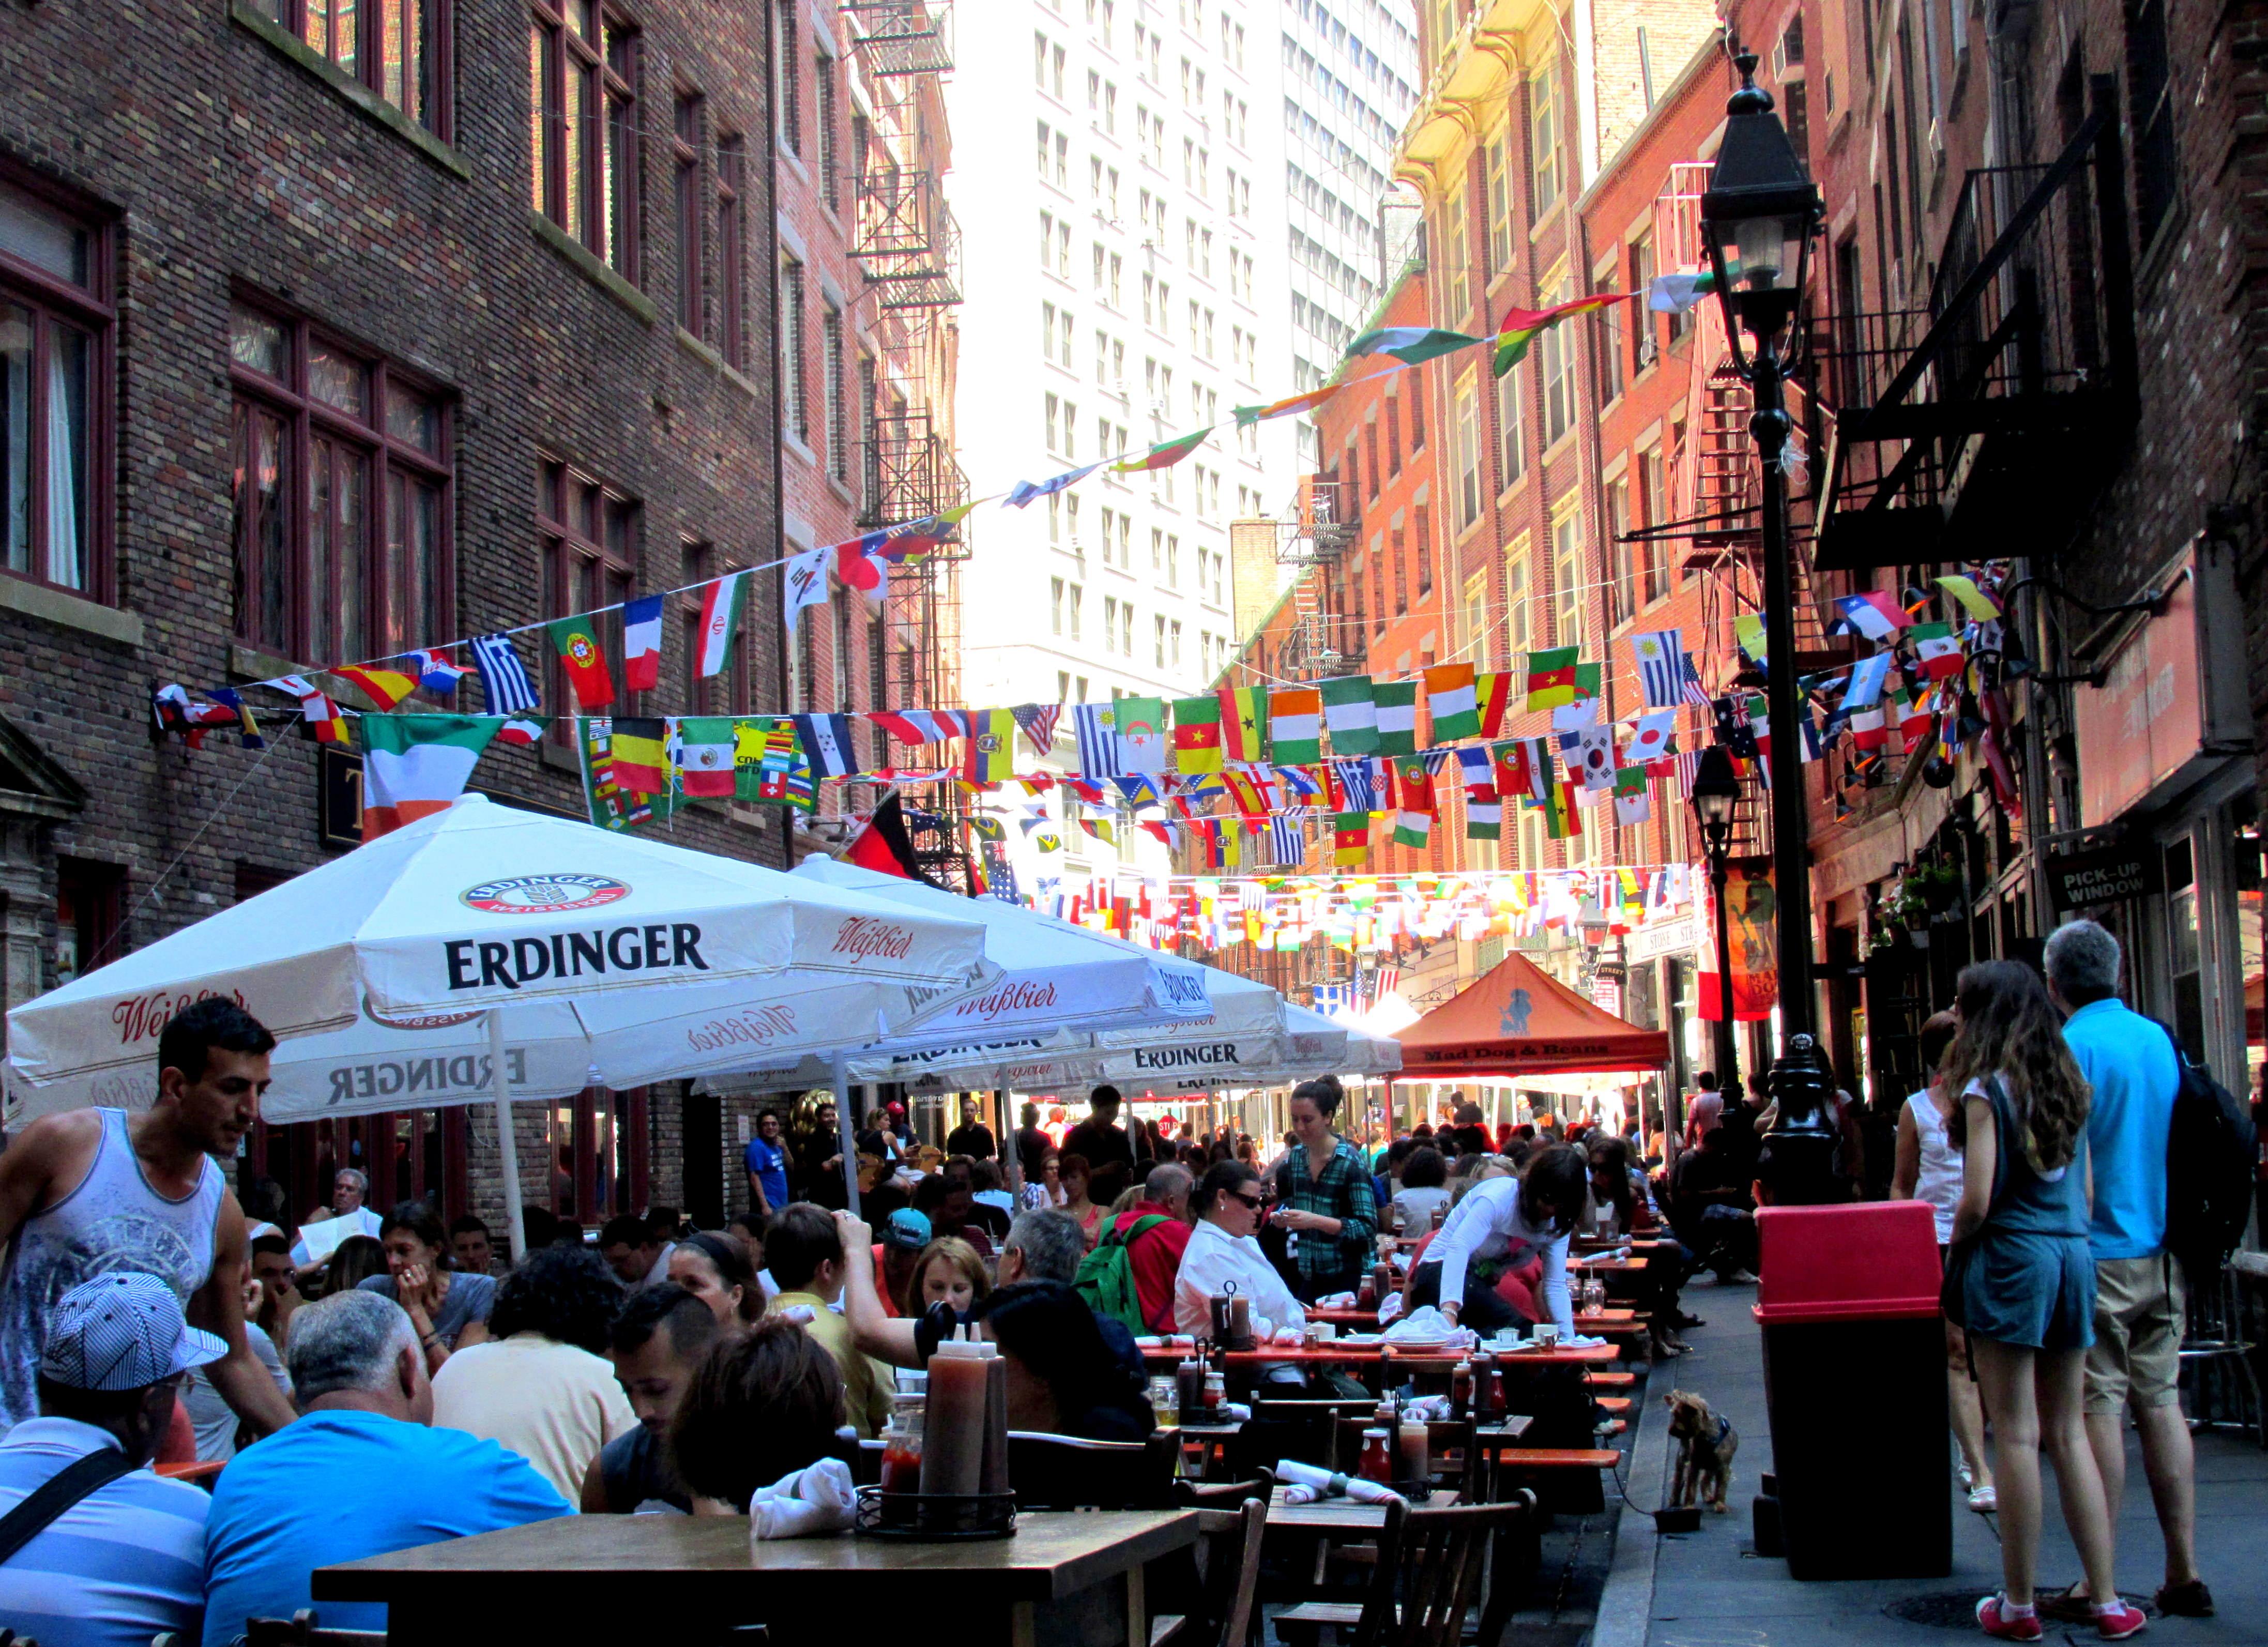 Roteiro de 3 dias em Nova York 15 dicas Viaje Global